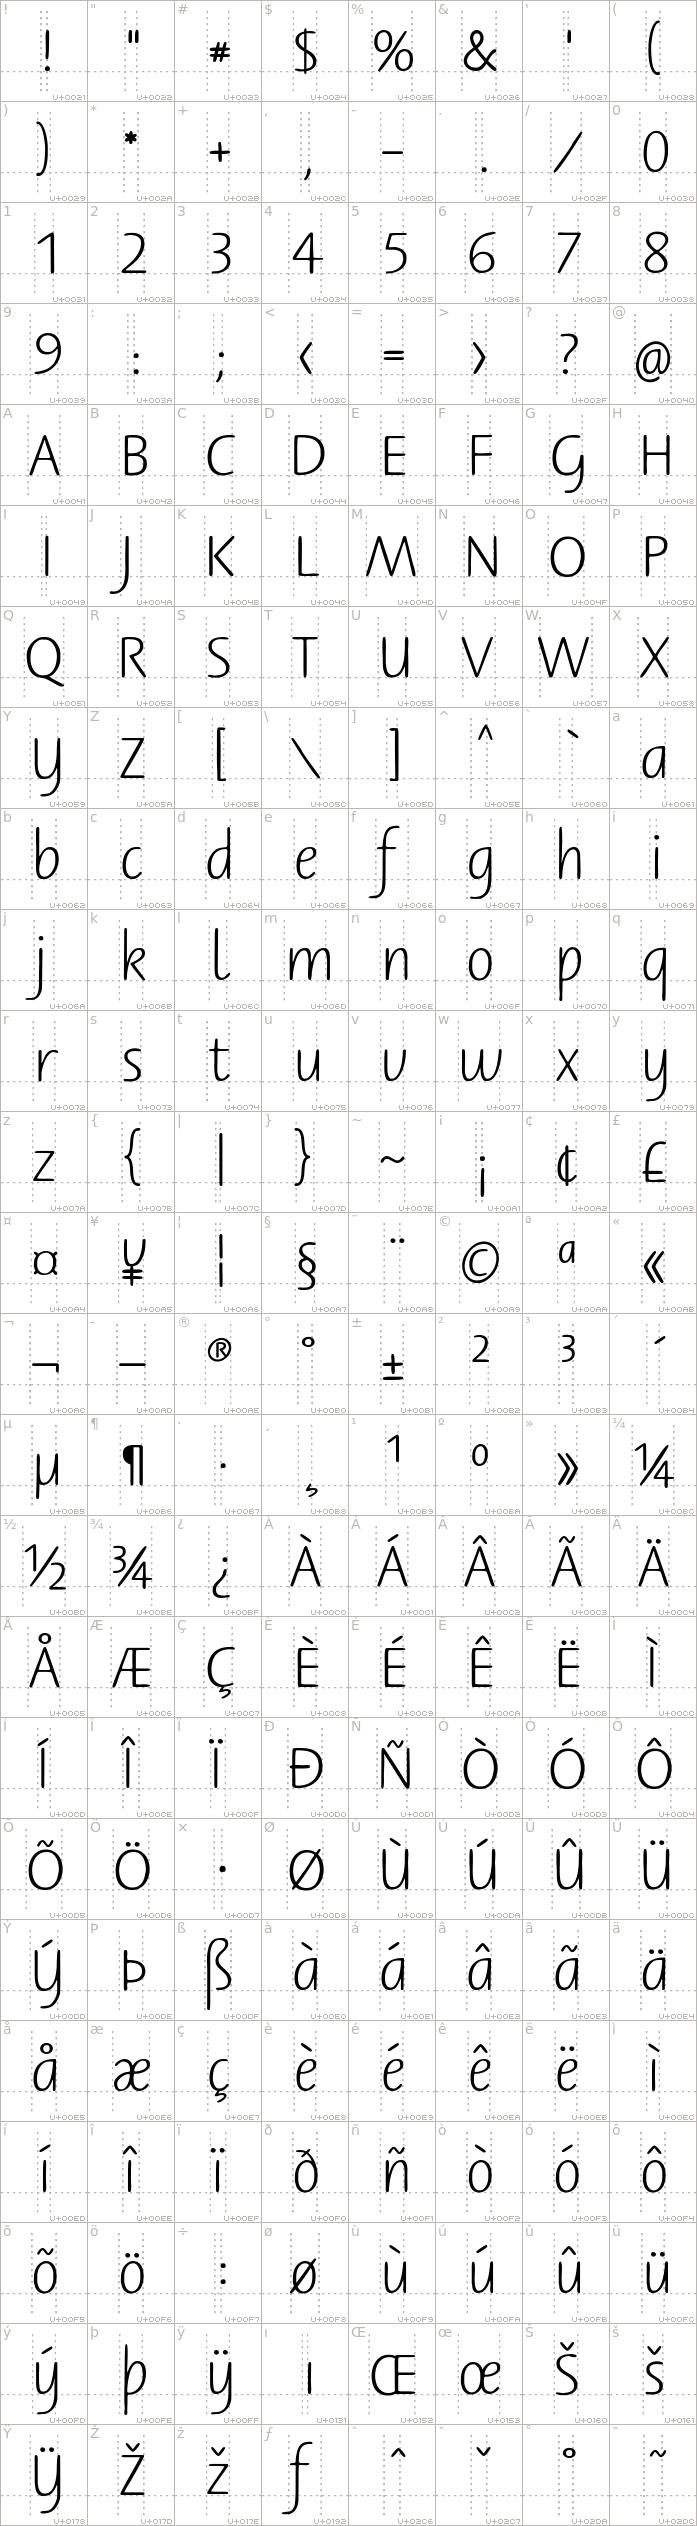 berner-basisschrift.basisschrift1.character-map-1